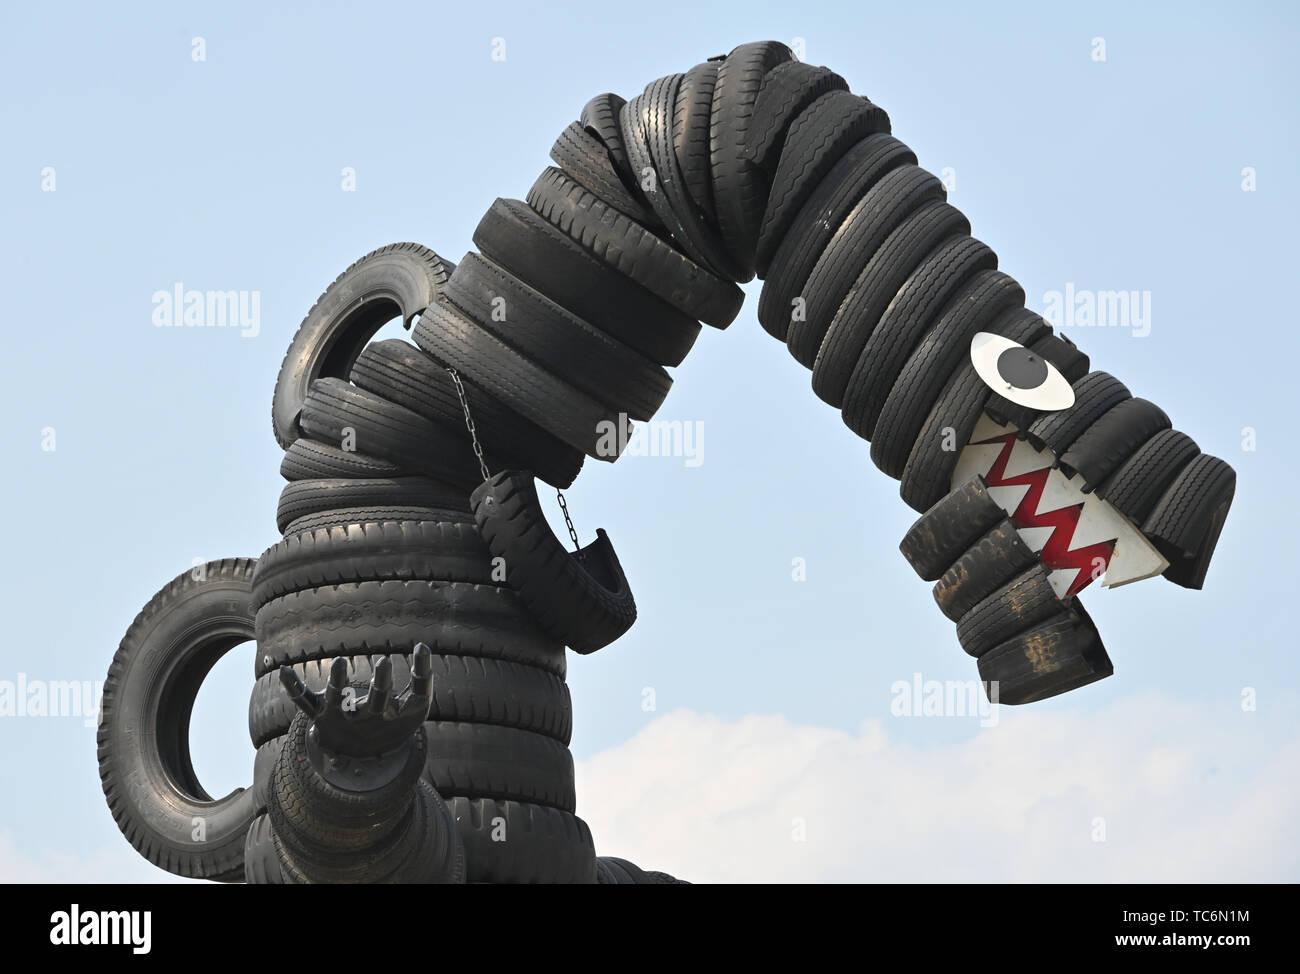 Tokyo, Japon. 6 juin, 2019. À 8 mètres de haut, Godzilla fait de pneus usagés, plane sur un terrain de jeux local construit avec les pneus usés à Tokyo parc des pneus le Jeudi, Juin 6, 2019. Le parc célèbre le 50e anniversaire de sa création, et 3000 pneus usagés et des déchets collectés et contribué par la construction et les compagnies aériennes ainsi que des ateliers de carrosserie dans la région. Credit: Natsuki Sakai/AFLO/Alamy Live News Photo Stock